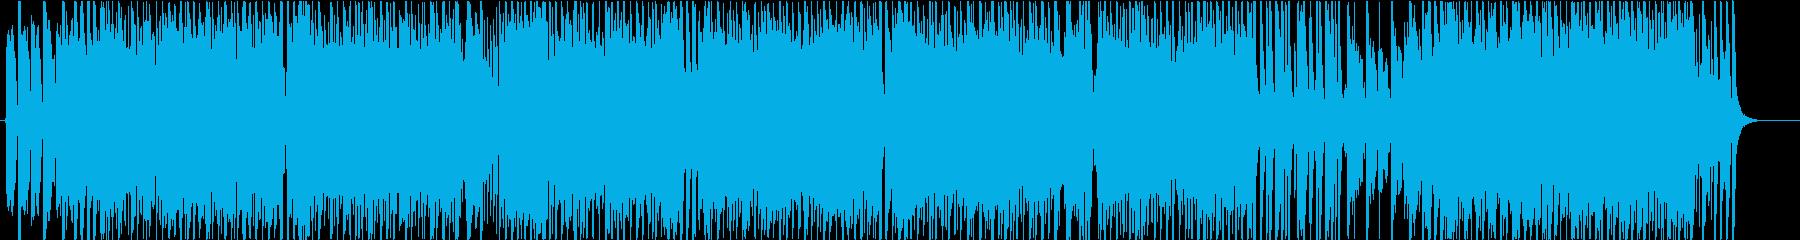 ゲーム わちゃわちゃしたコミカルBGMの再生済みの波形